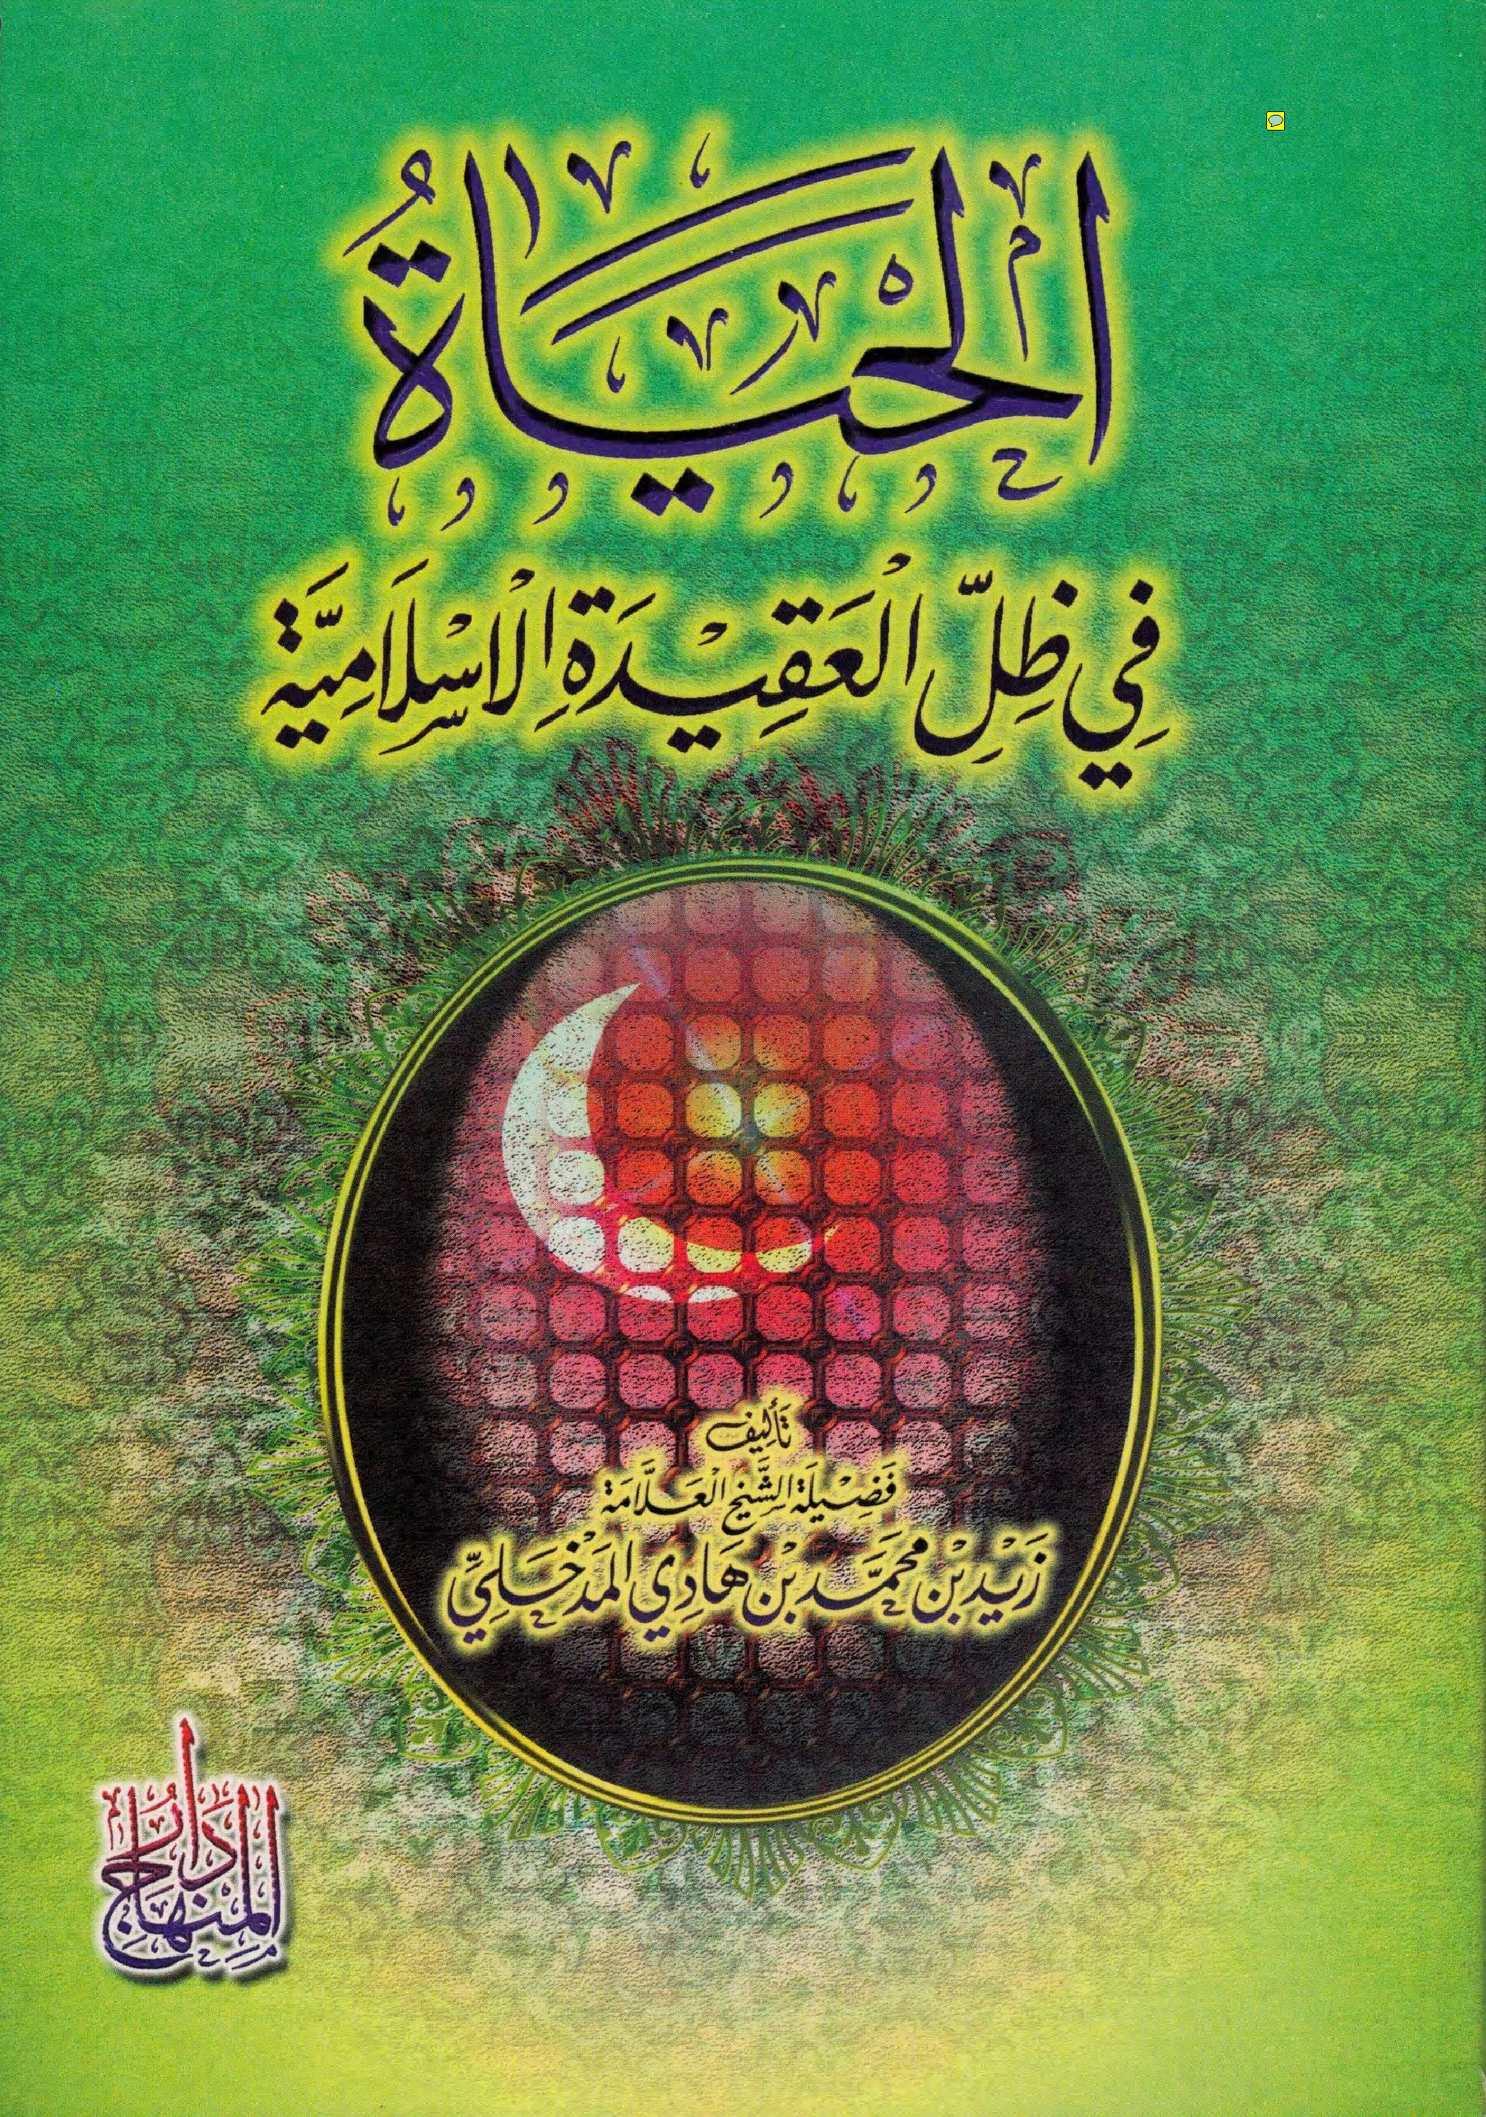 الحياة في ظل العقيدة الإسلامية - زيد المدخلي